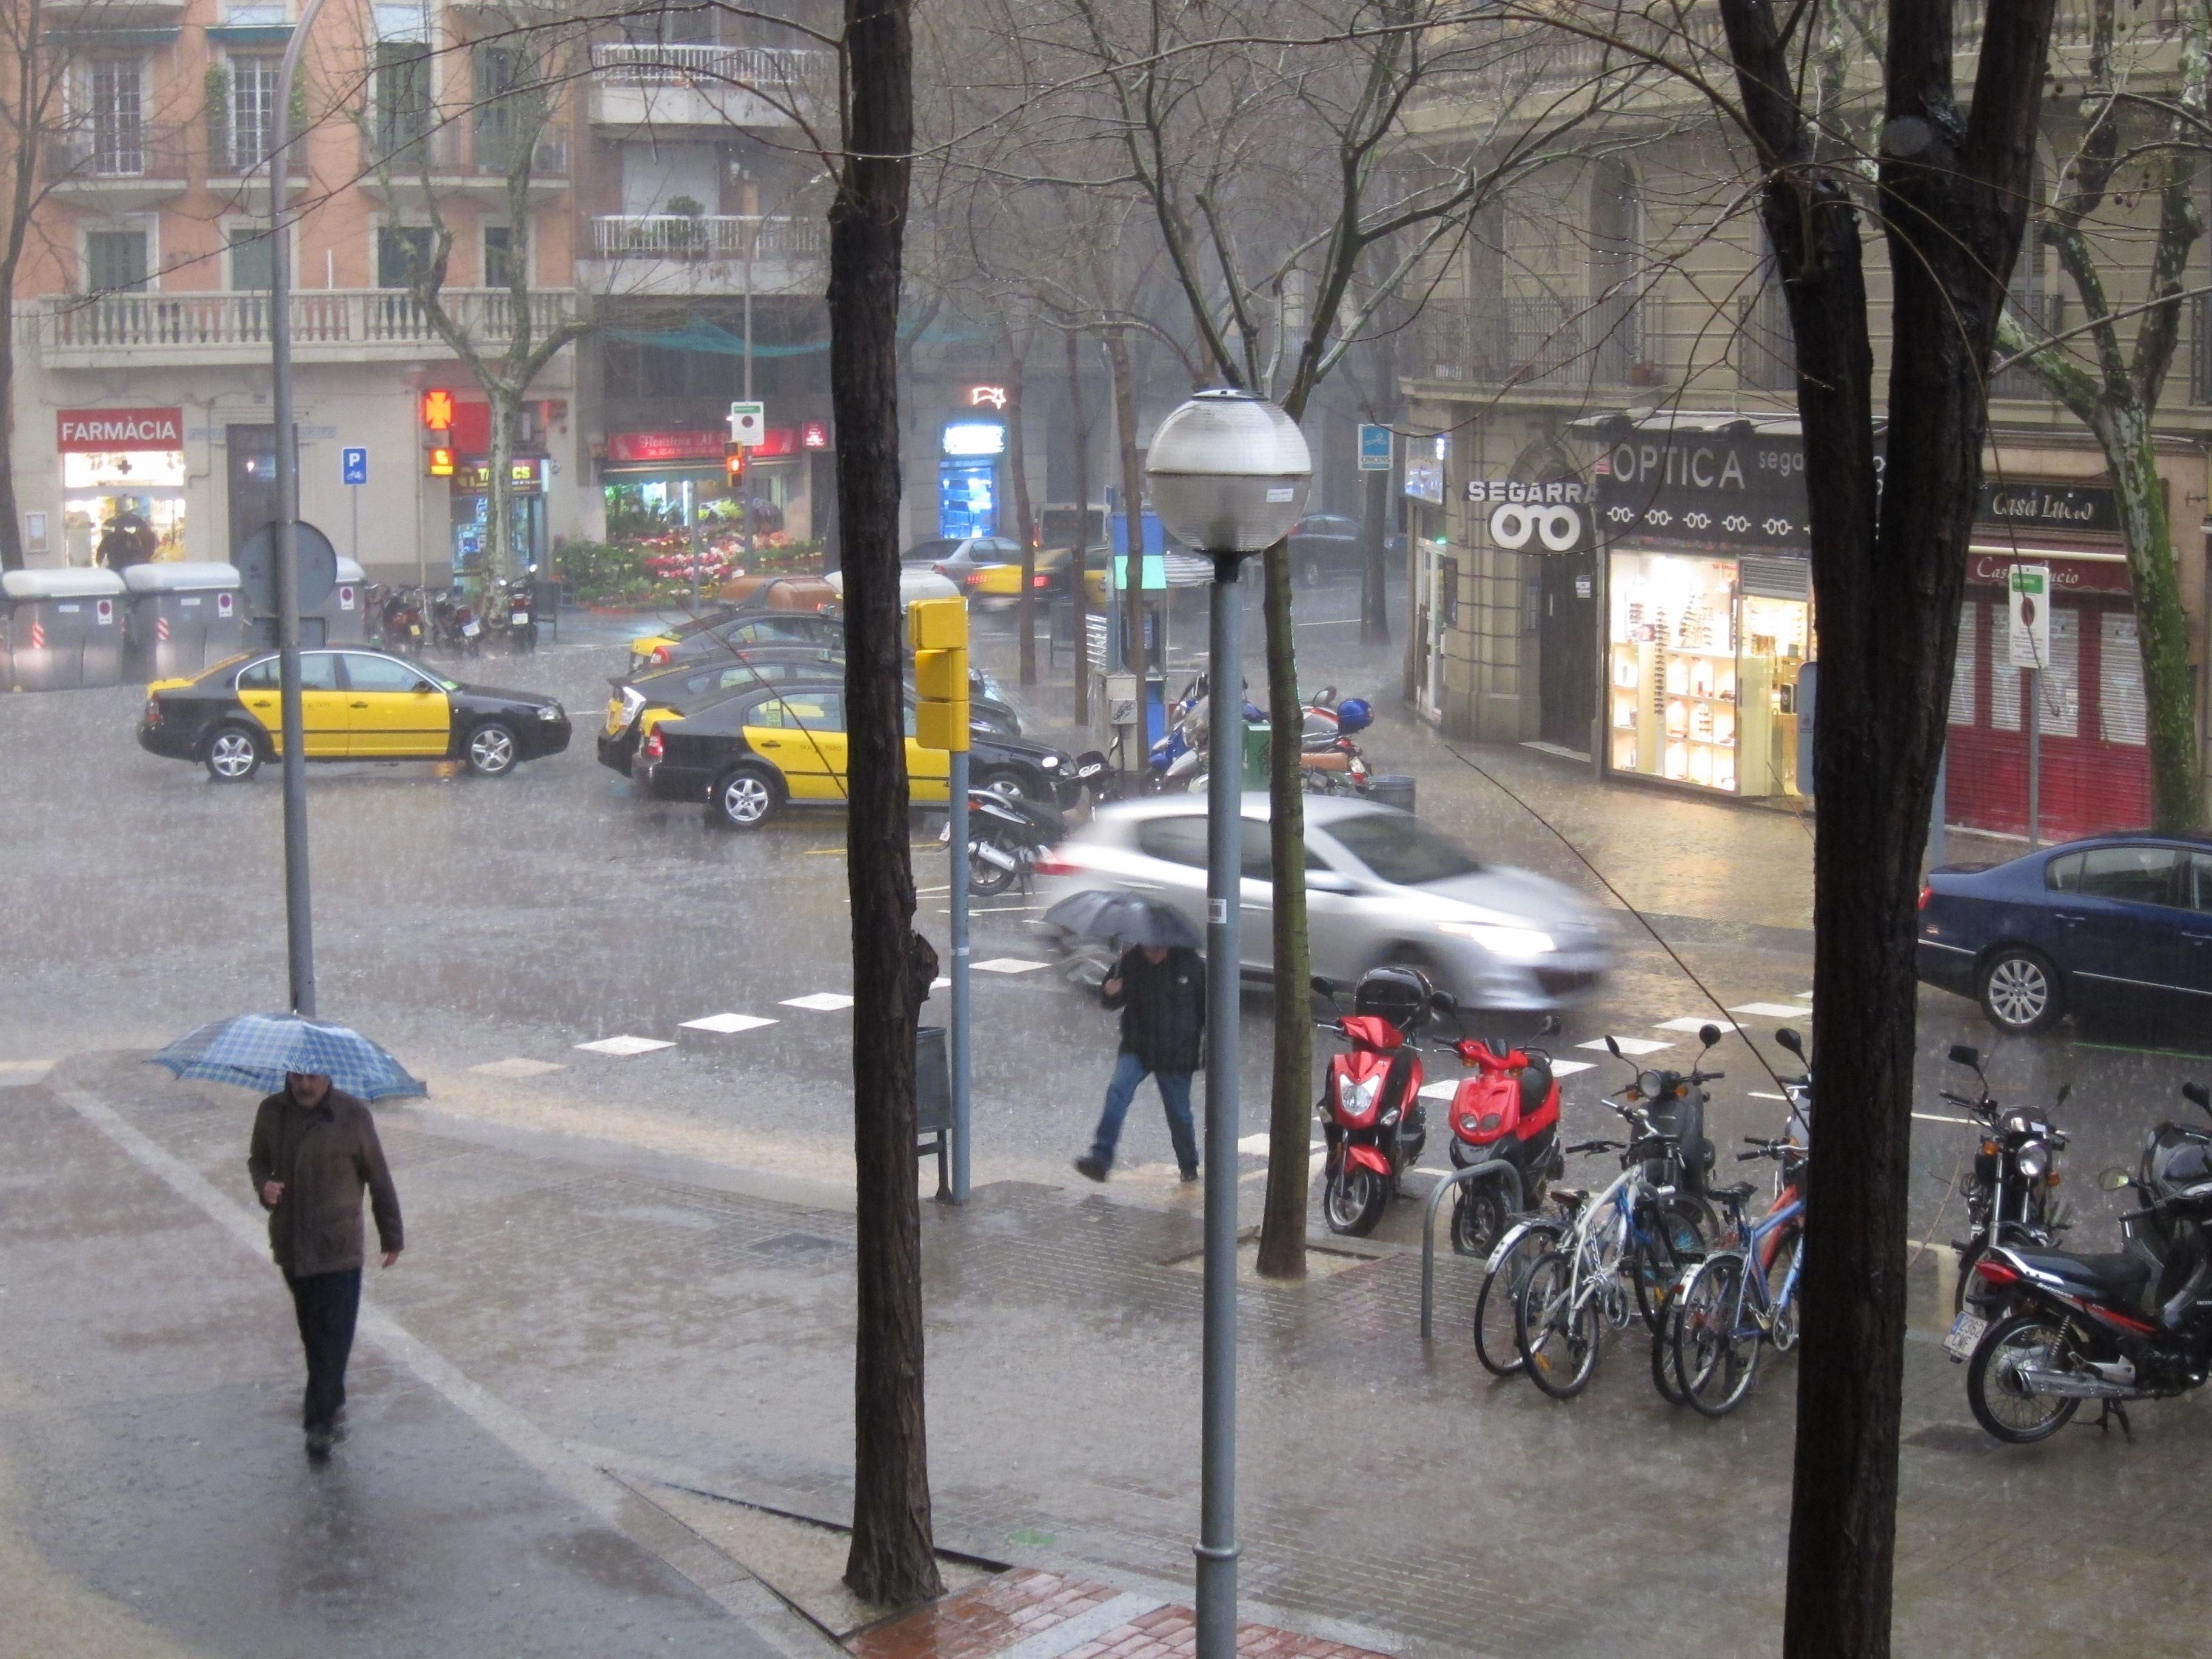 Meteorología cree que se dan ingredientes para »gota fría» en Murcia pero descarta que se produzca un »28 de septiembre»